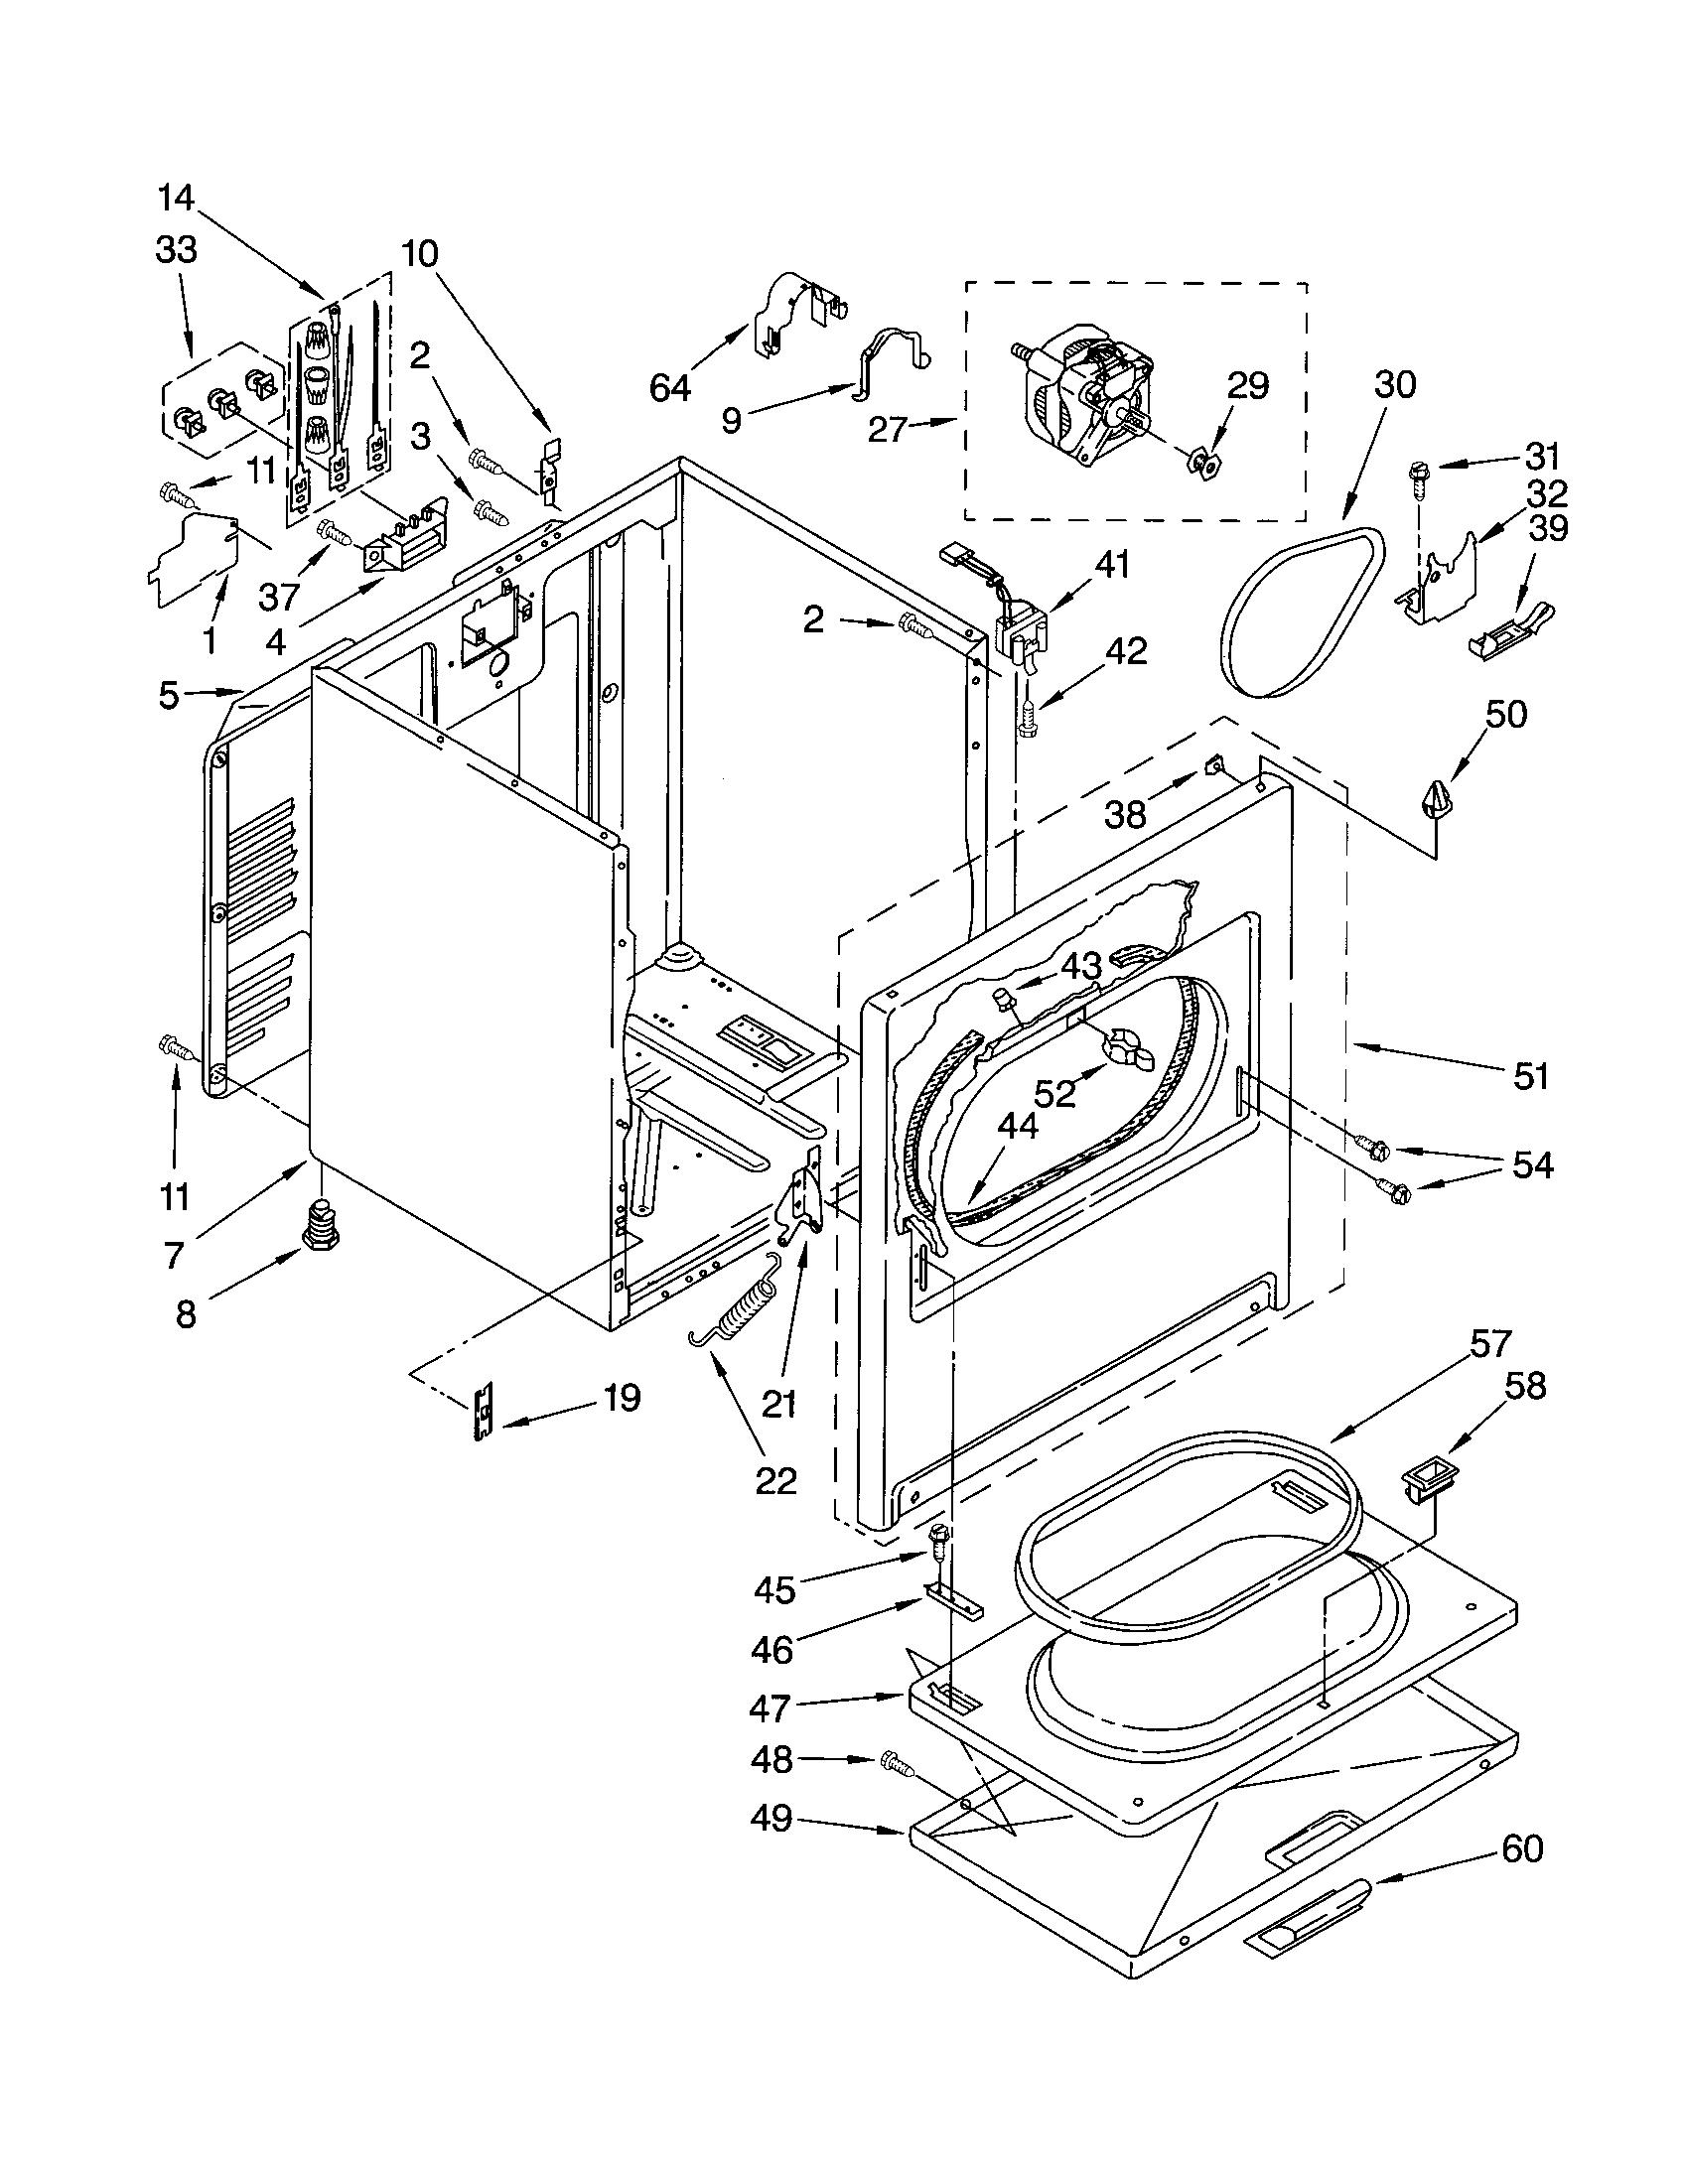 Famous kenmore dryer parts diagram kenmore dryer parts diagram 1696 x 2200 · 54 kb ·